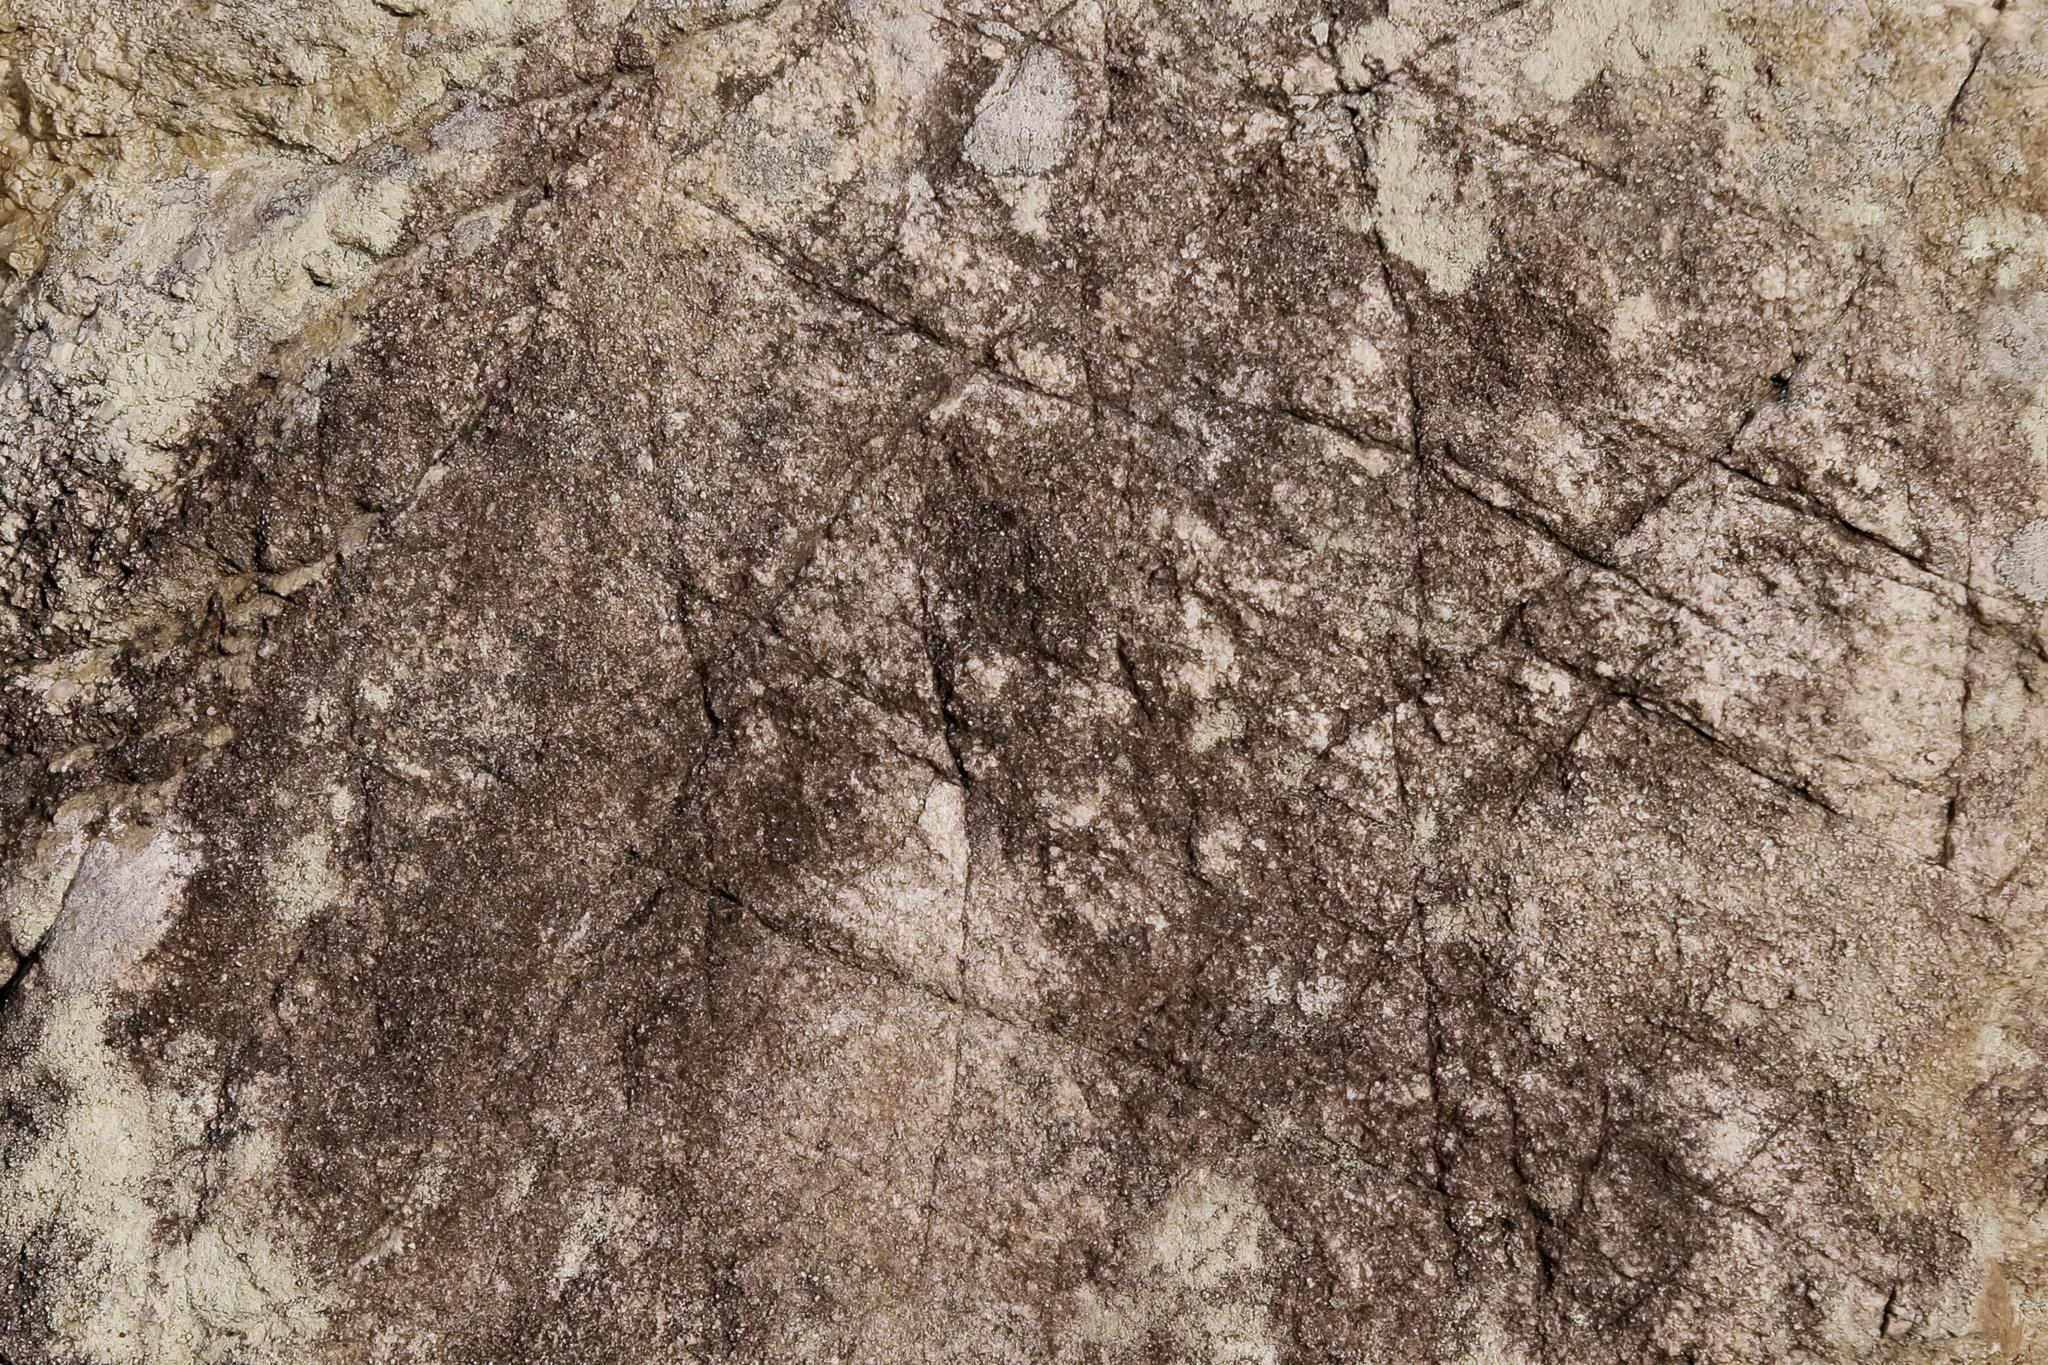 「人工的な傷のある岩肌」の素材を無料ダウンロード